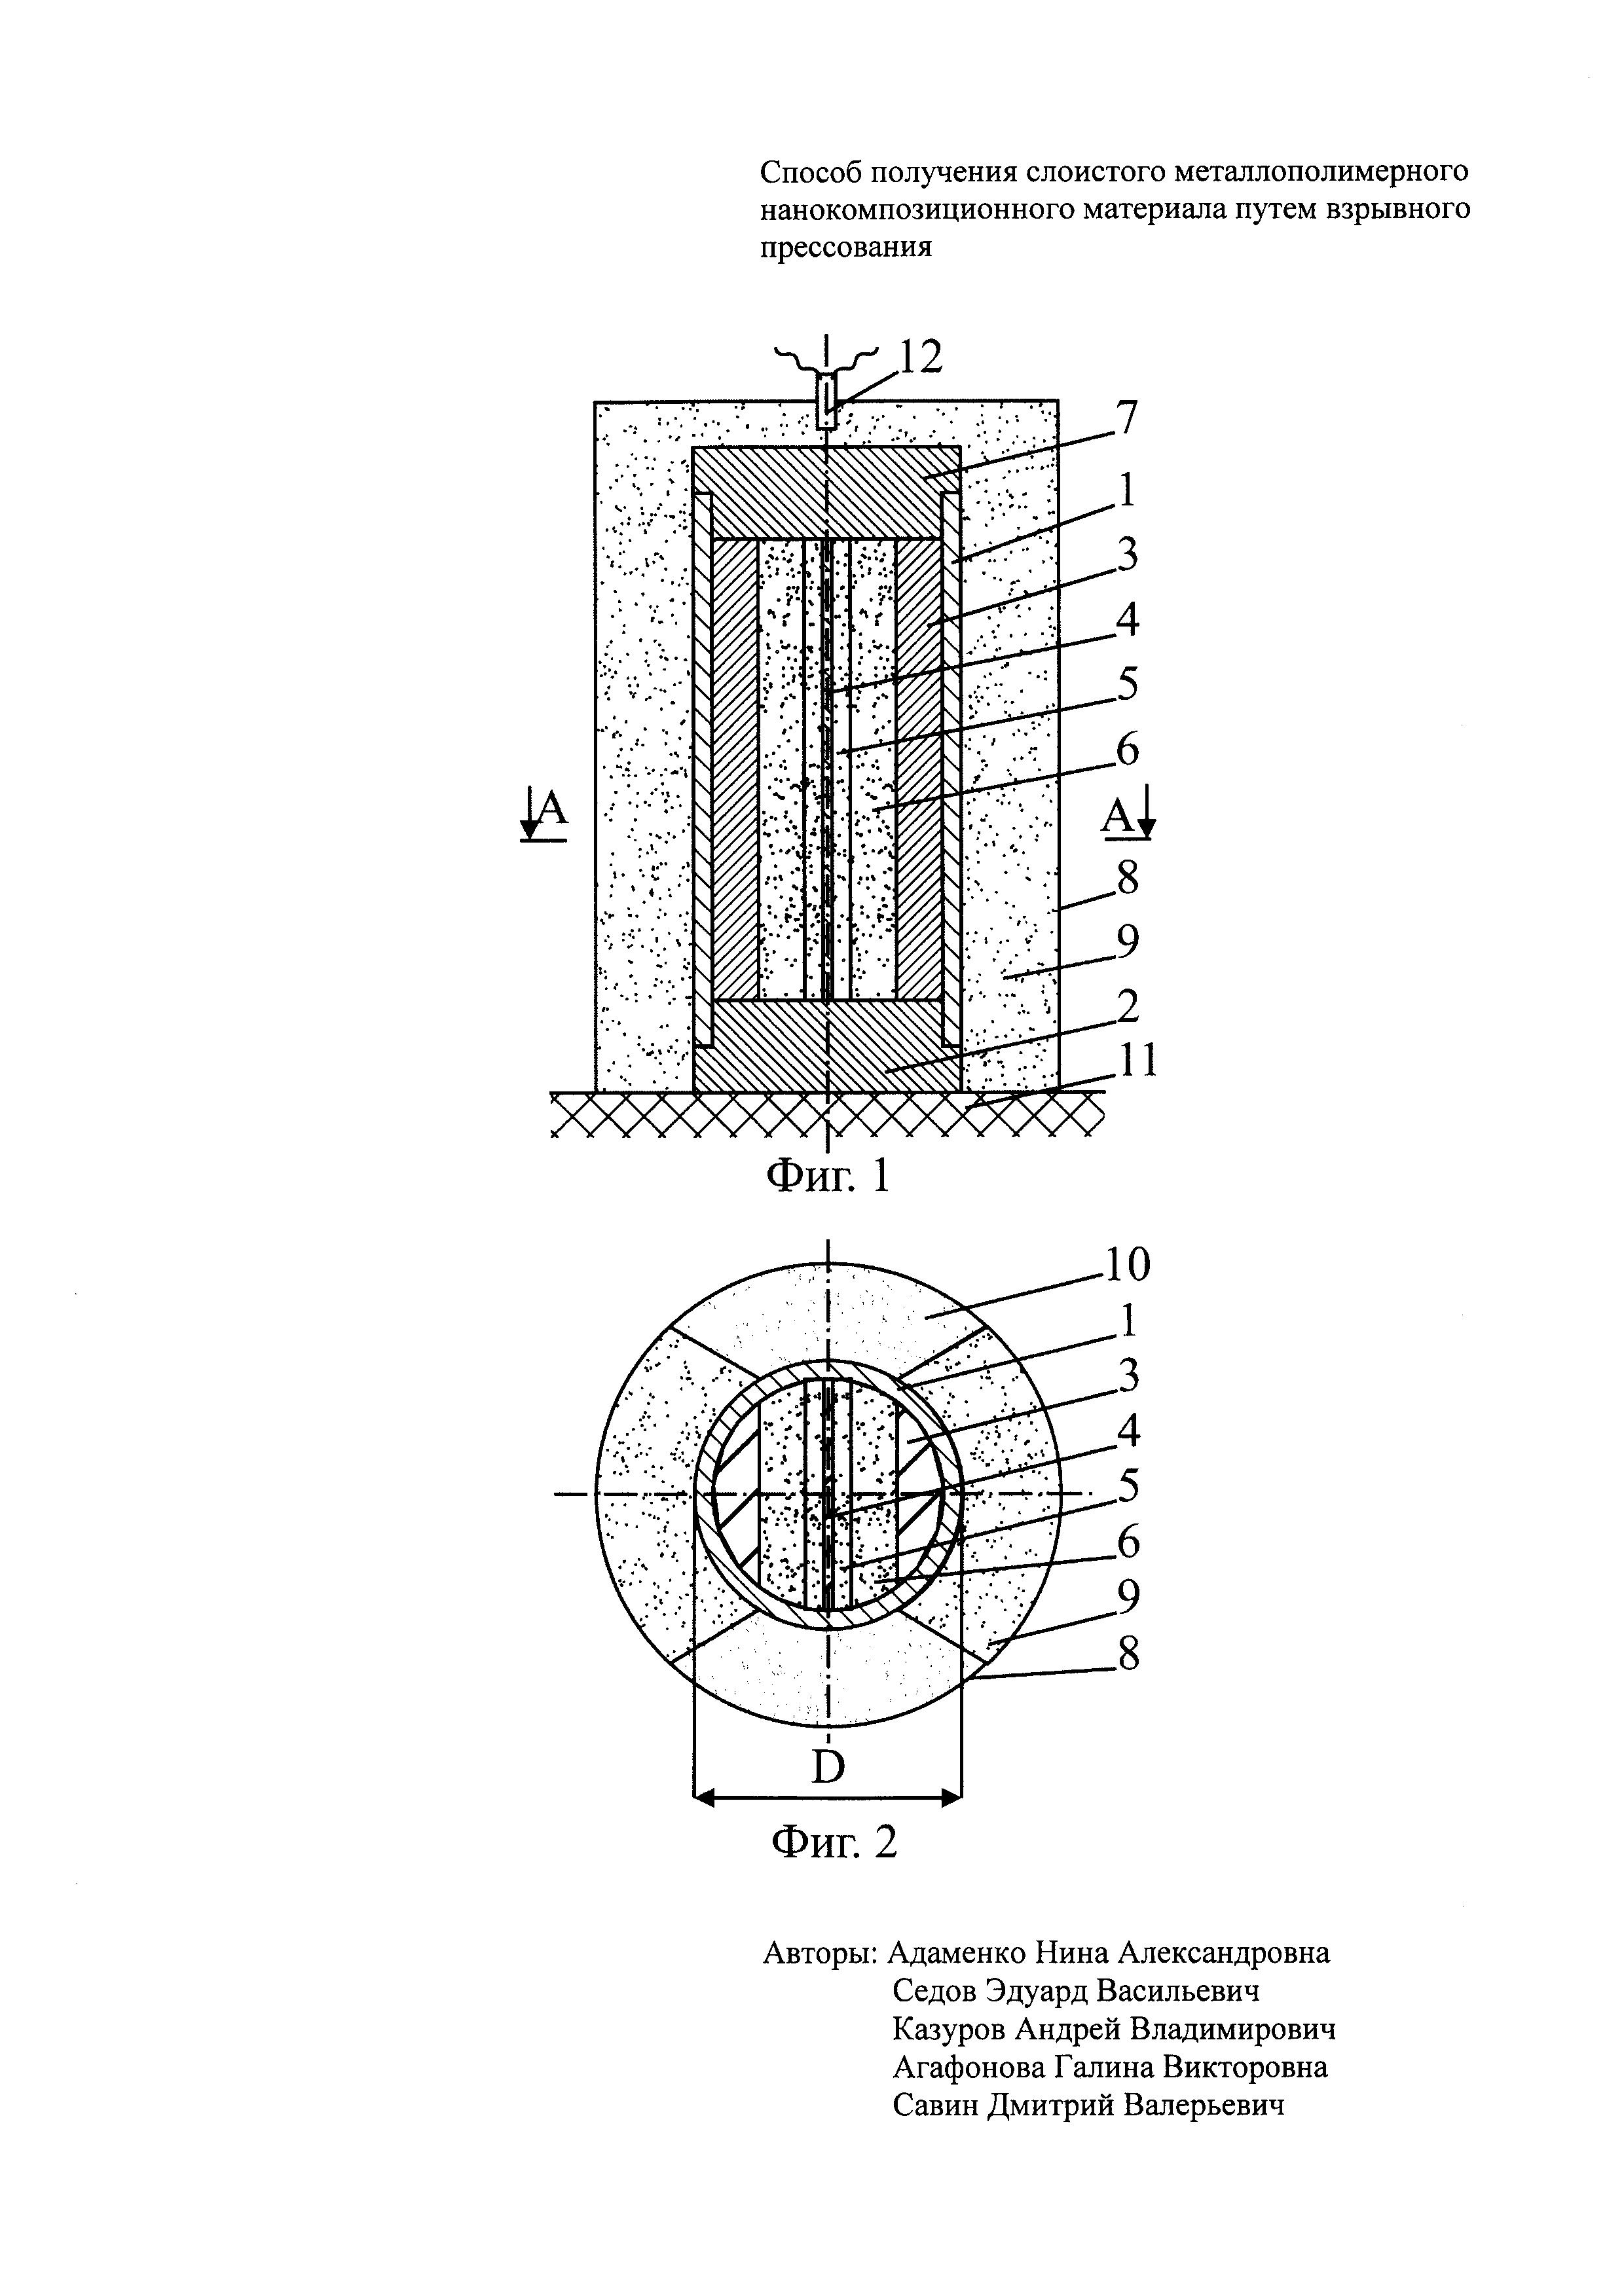 Способ получения слоистого металлополимерного нанокомпозиционного материала путем взрывного прессования